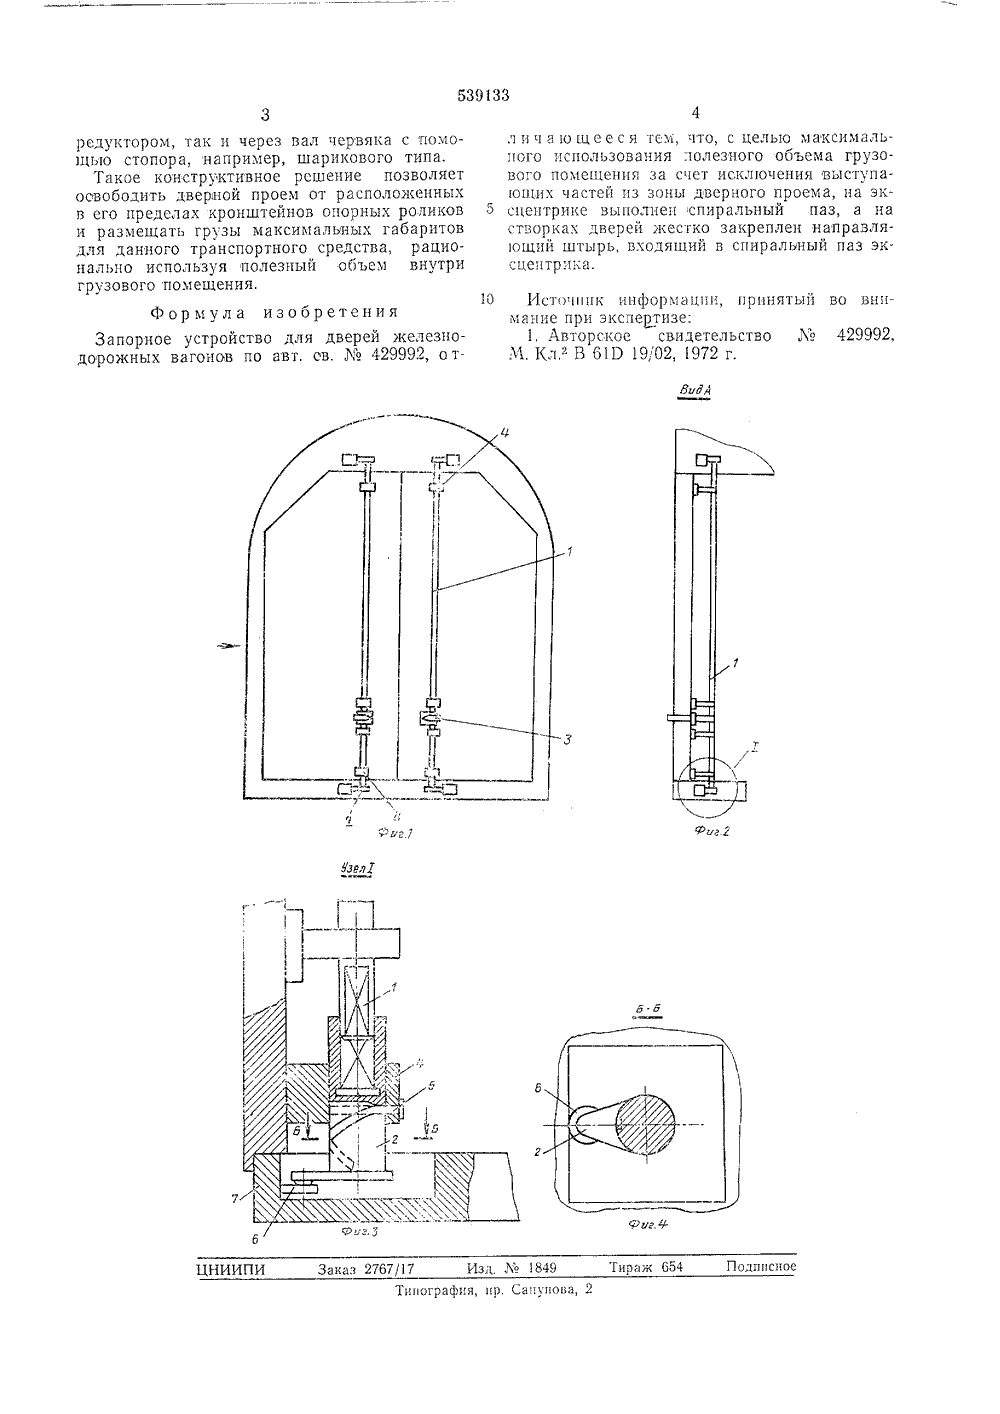 Запорное устройство для дверей железнодорожных вагонов.